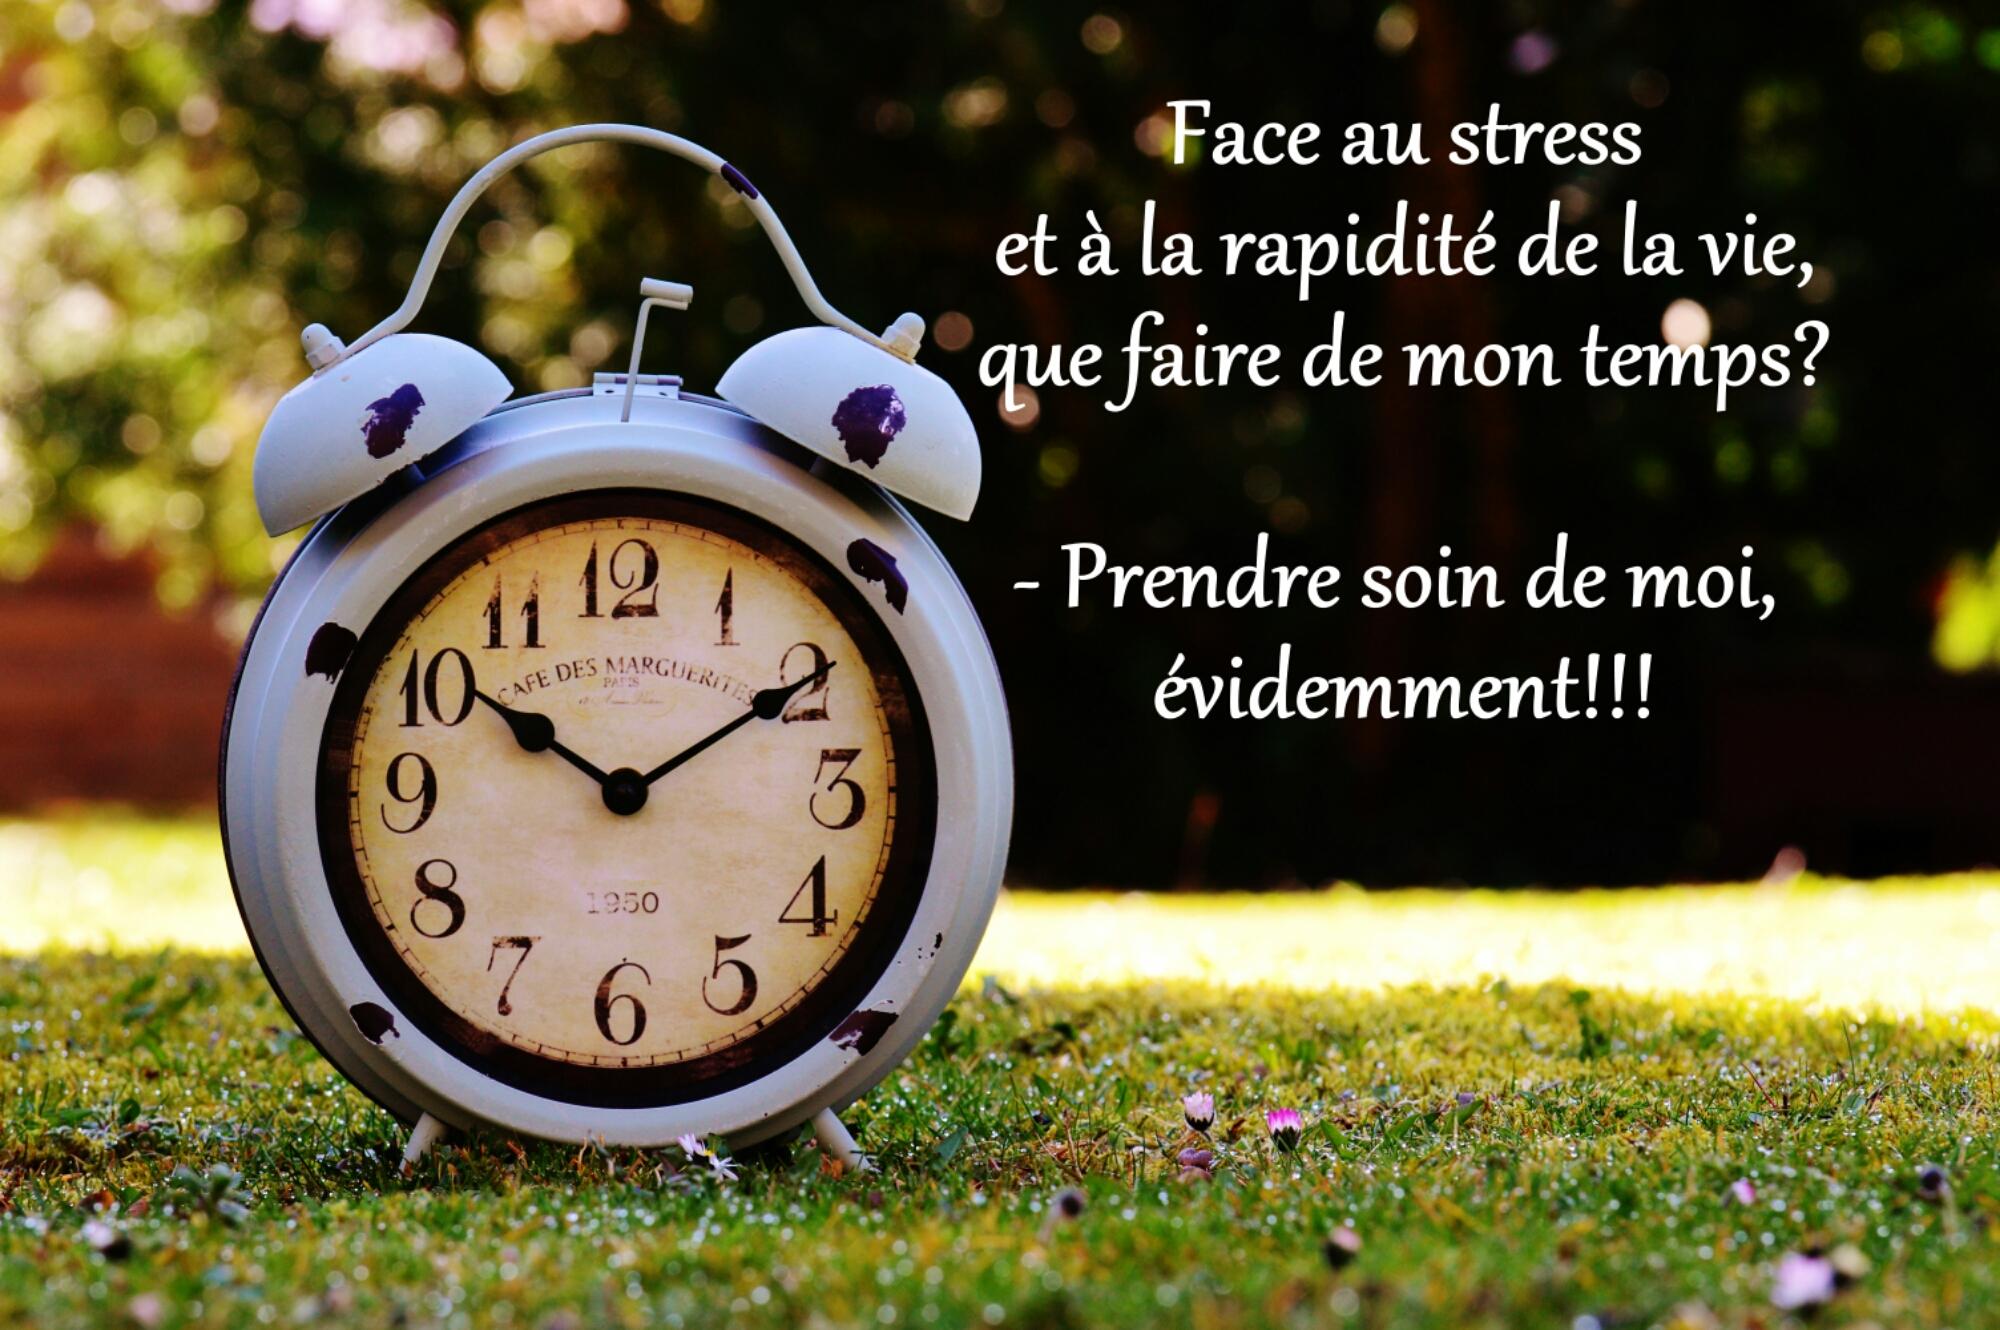 Face au stress et à la rapidité de la vie, que faire de mon temps? - Prendre soin de moi, évidemment!!!